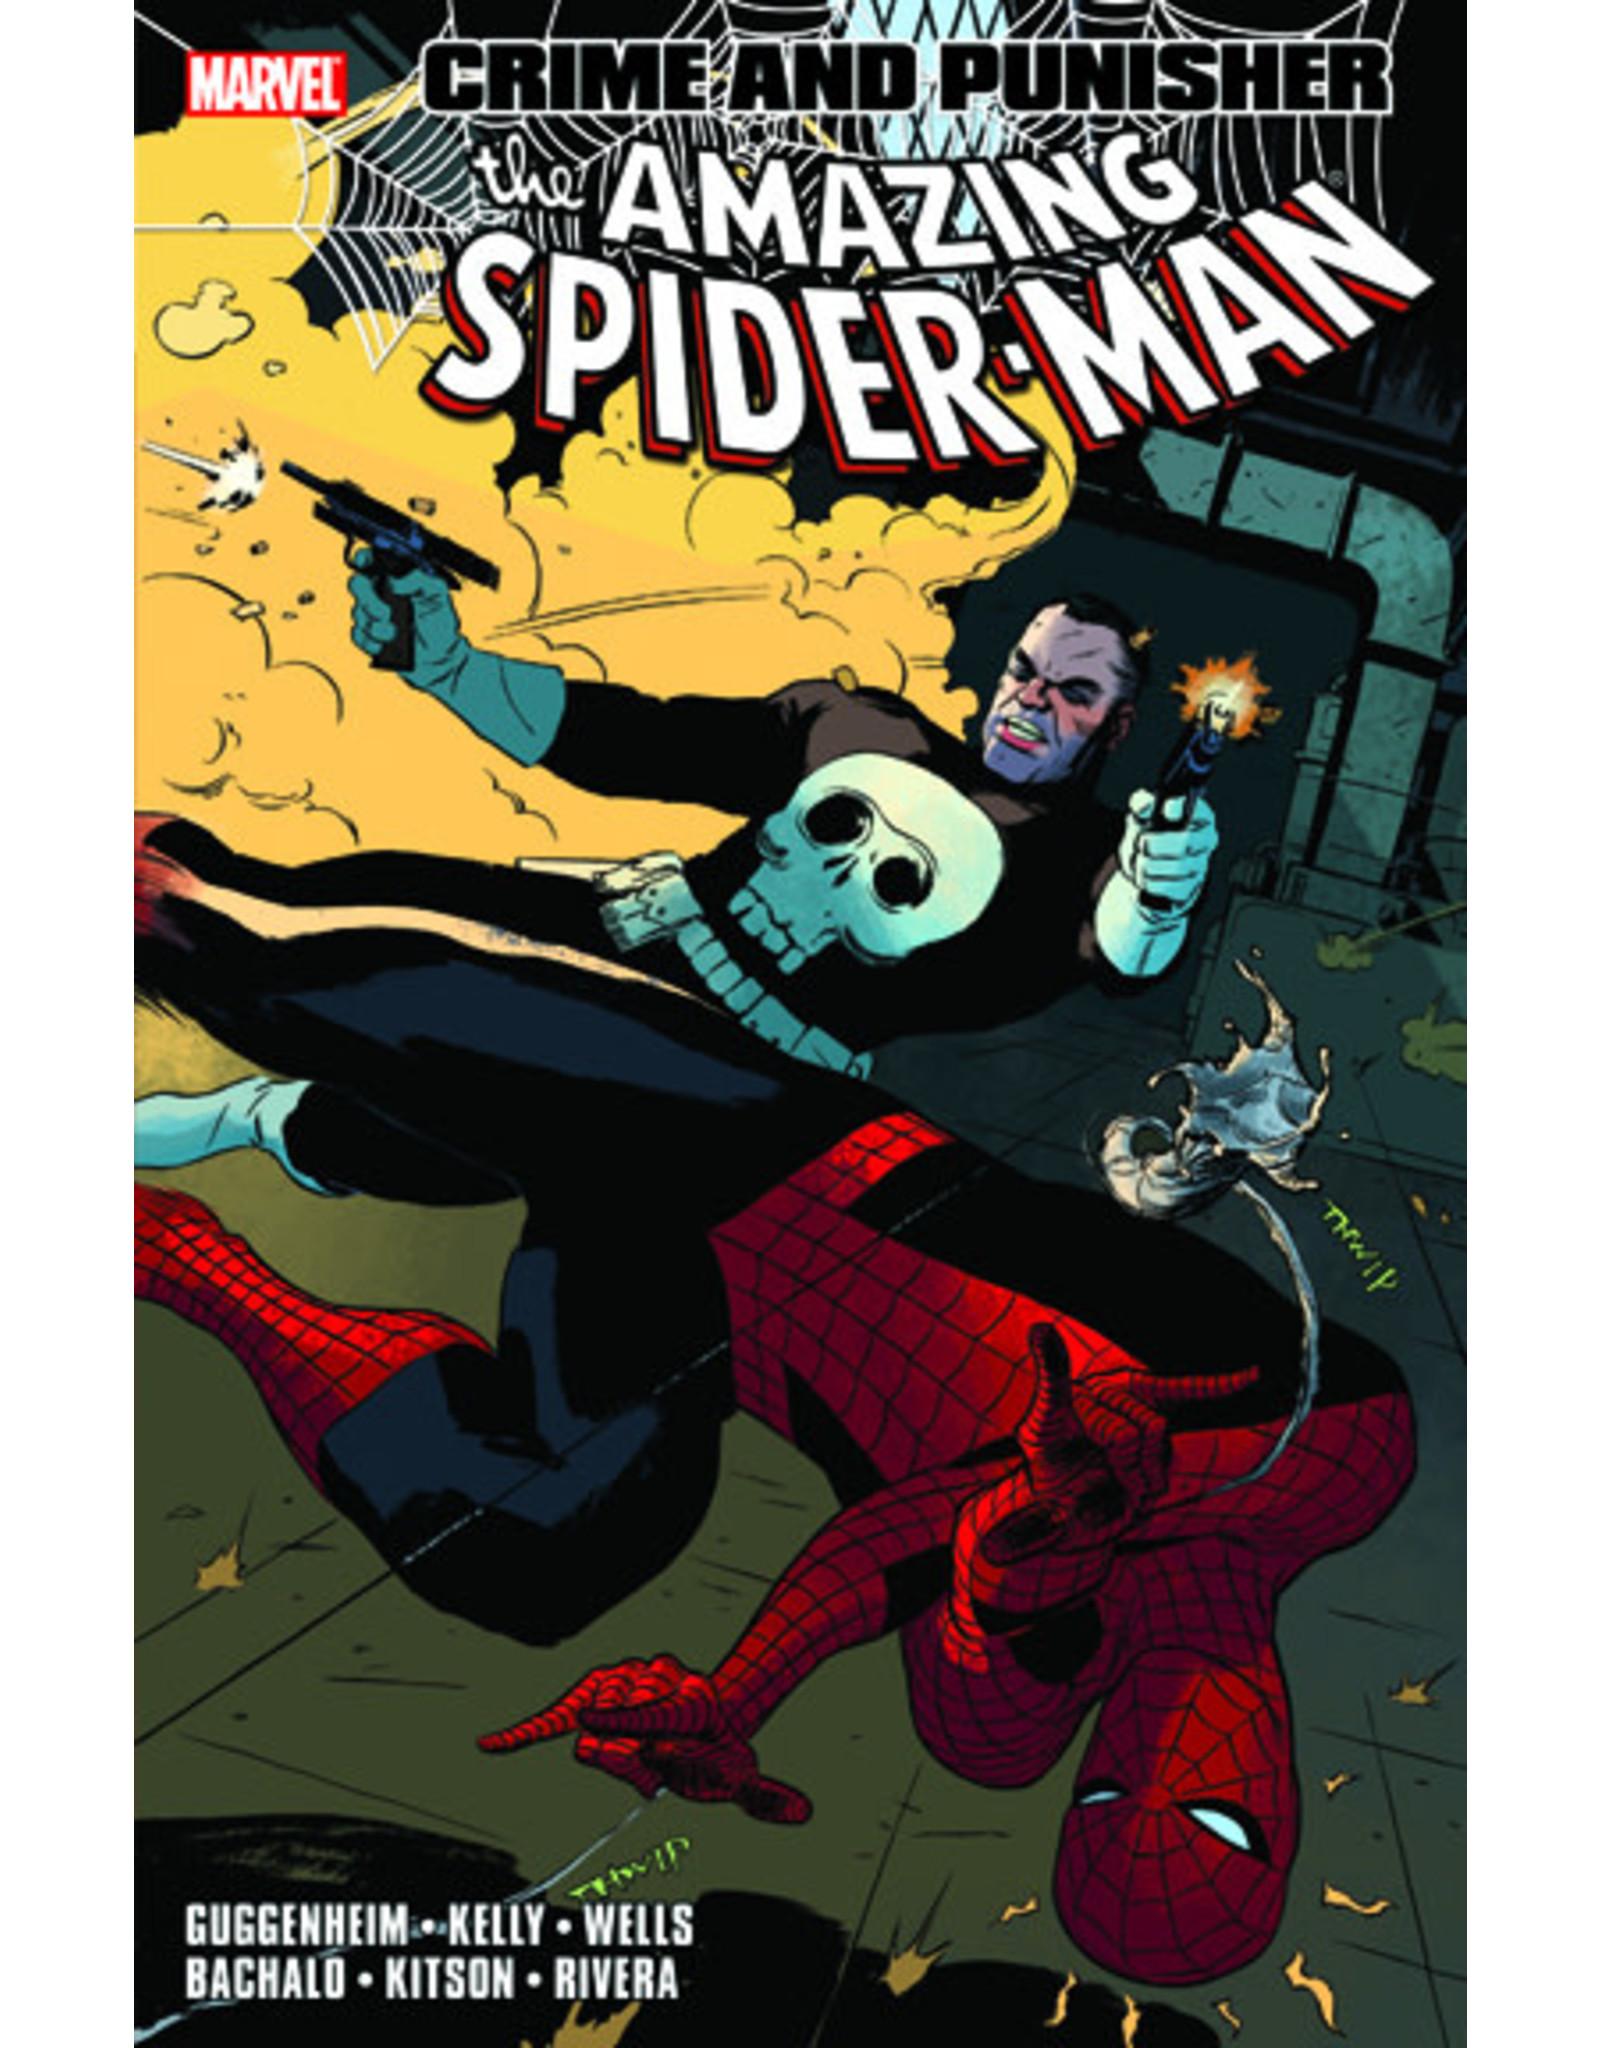 MARVEL COMICS SPIDER-MAN CRIME AND PUNISHER TP